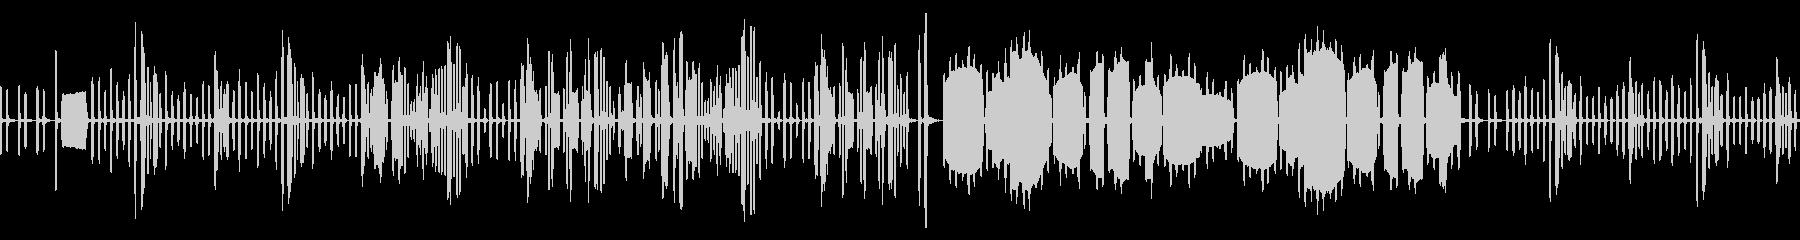 リコーダーのかっこうワルツ(ループ仕様)の未再生の波形